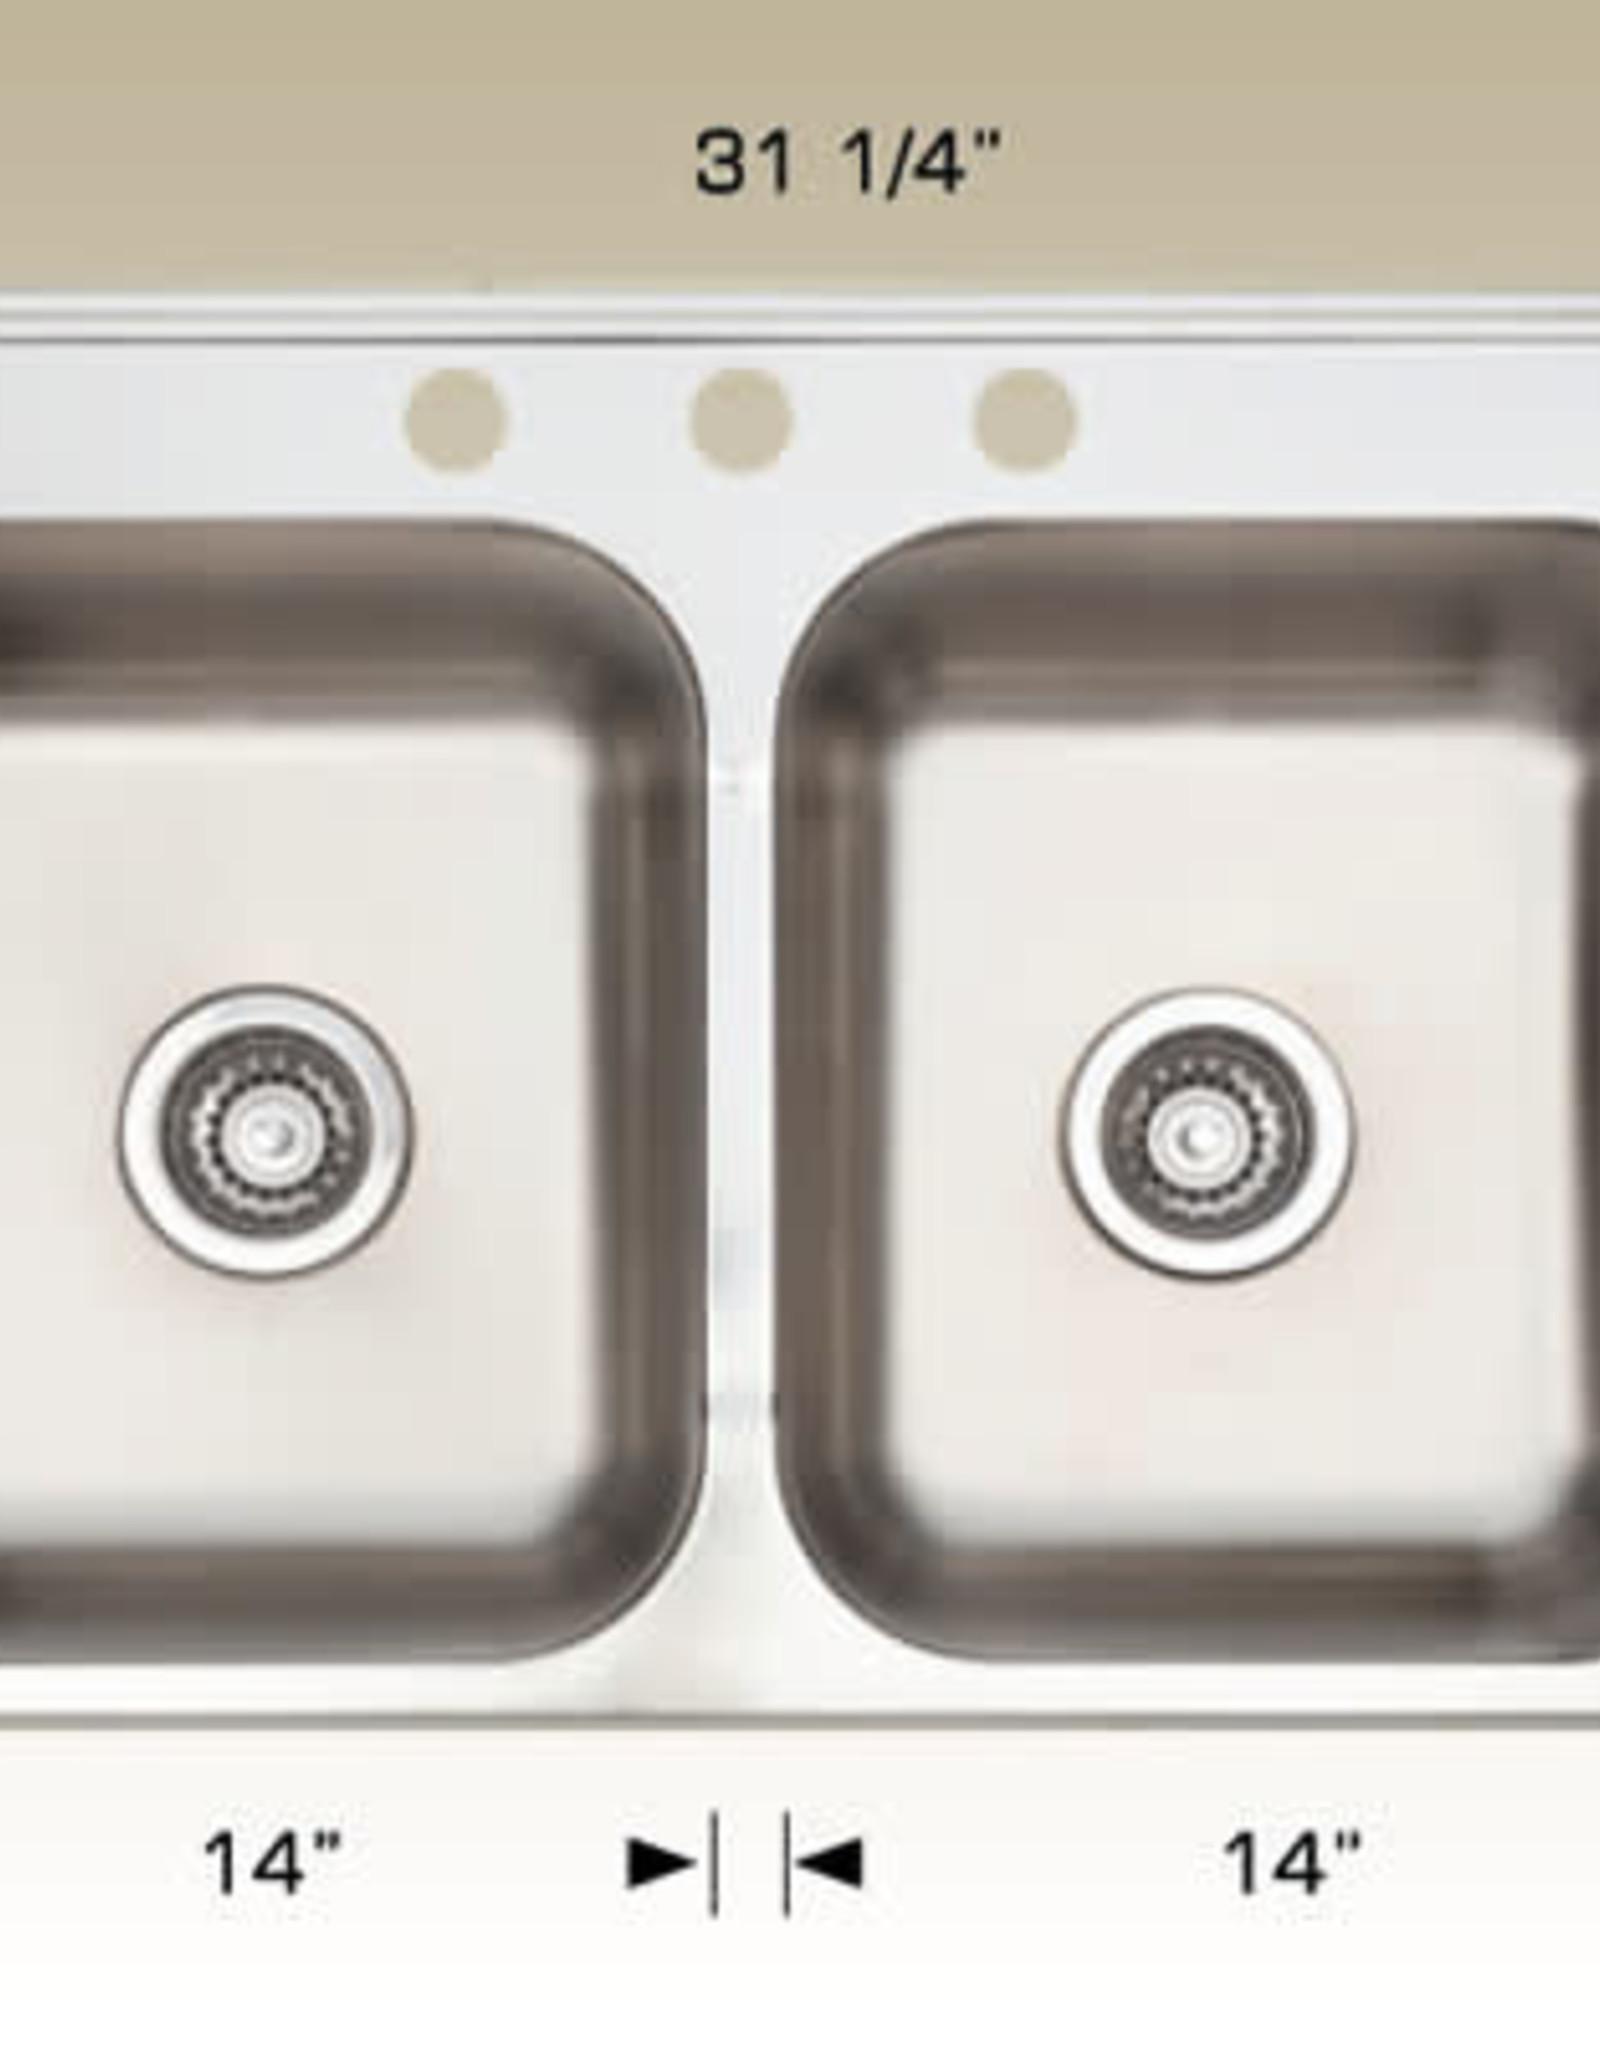 """Bosco Bosco Double Bowl Stainless Steel Drop In Sink 31  1/4"""" x 20 1/2"""""""